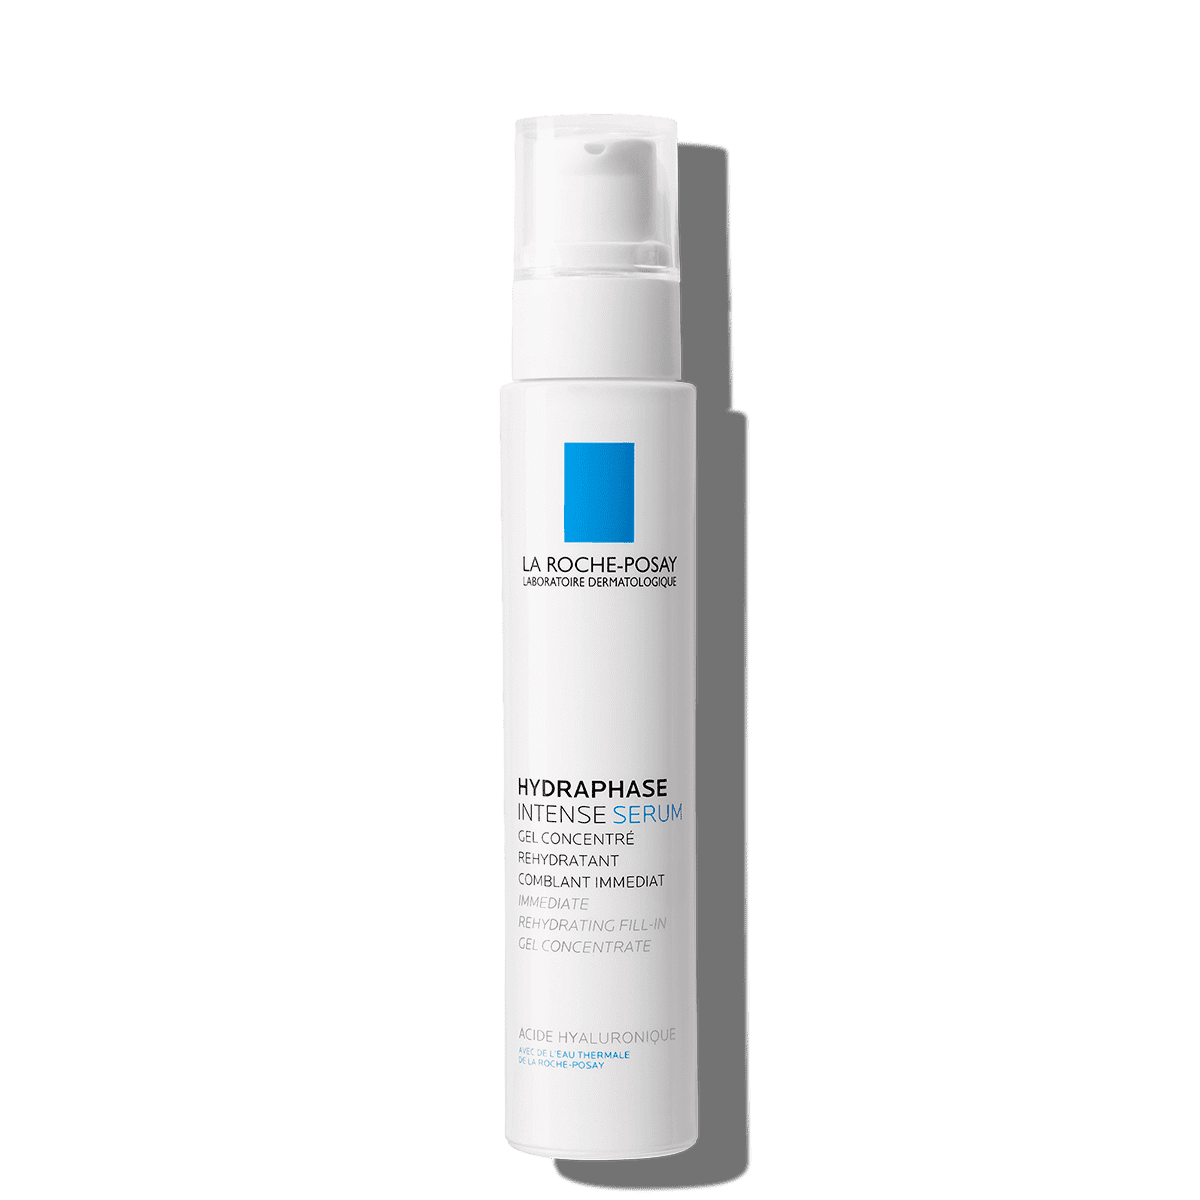 La Roche Posay ProduktSide Hydraphase Intens Moisturizing Serum 30ml